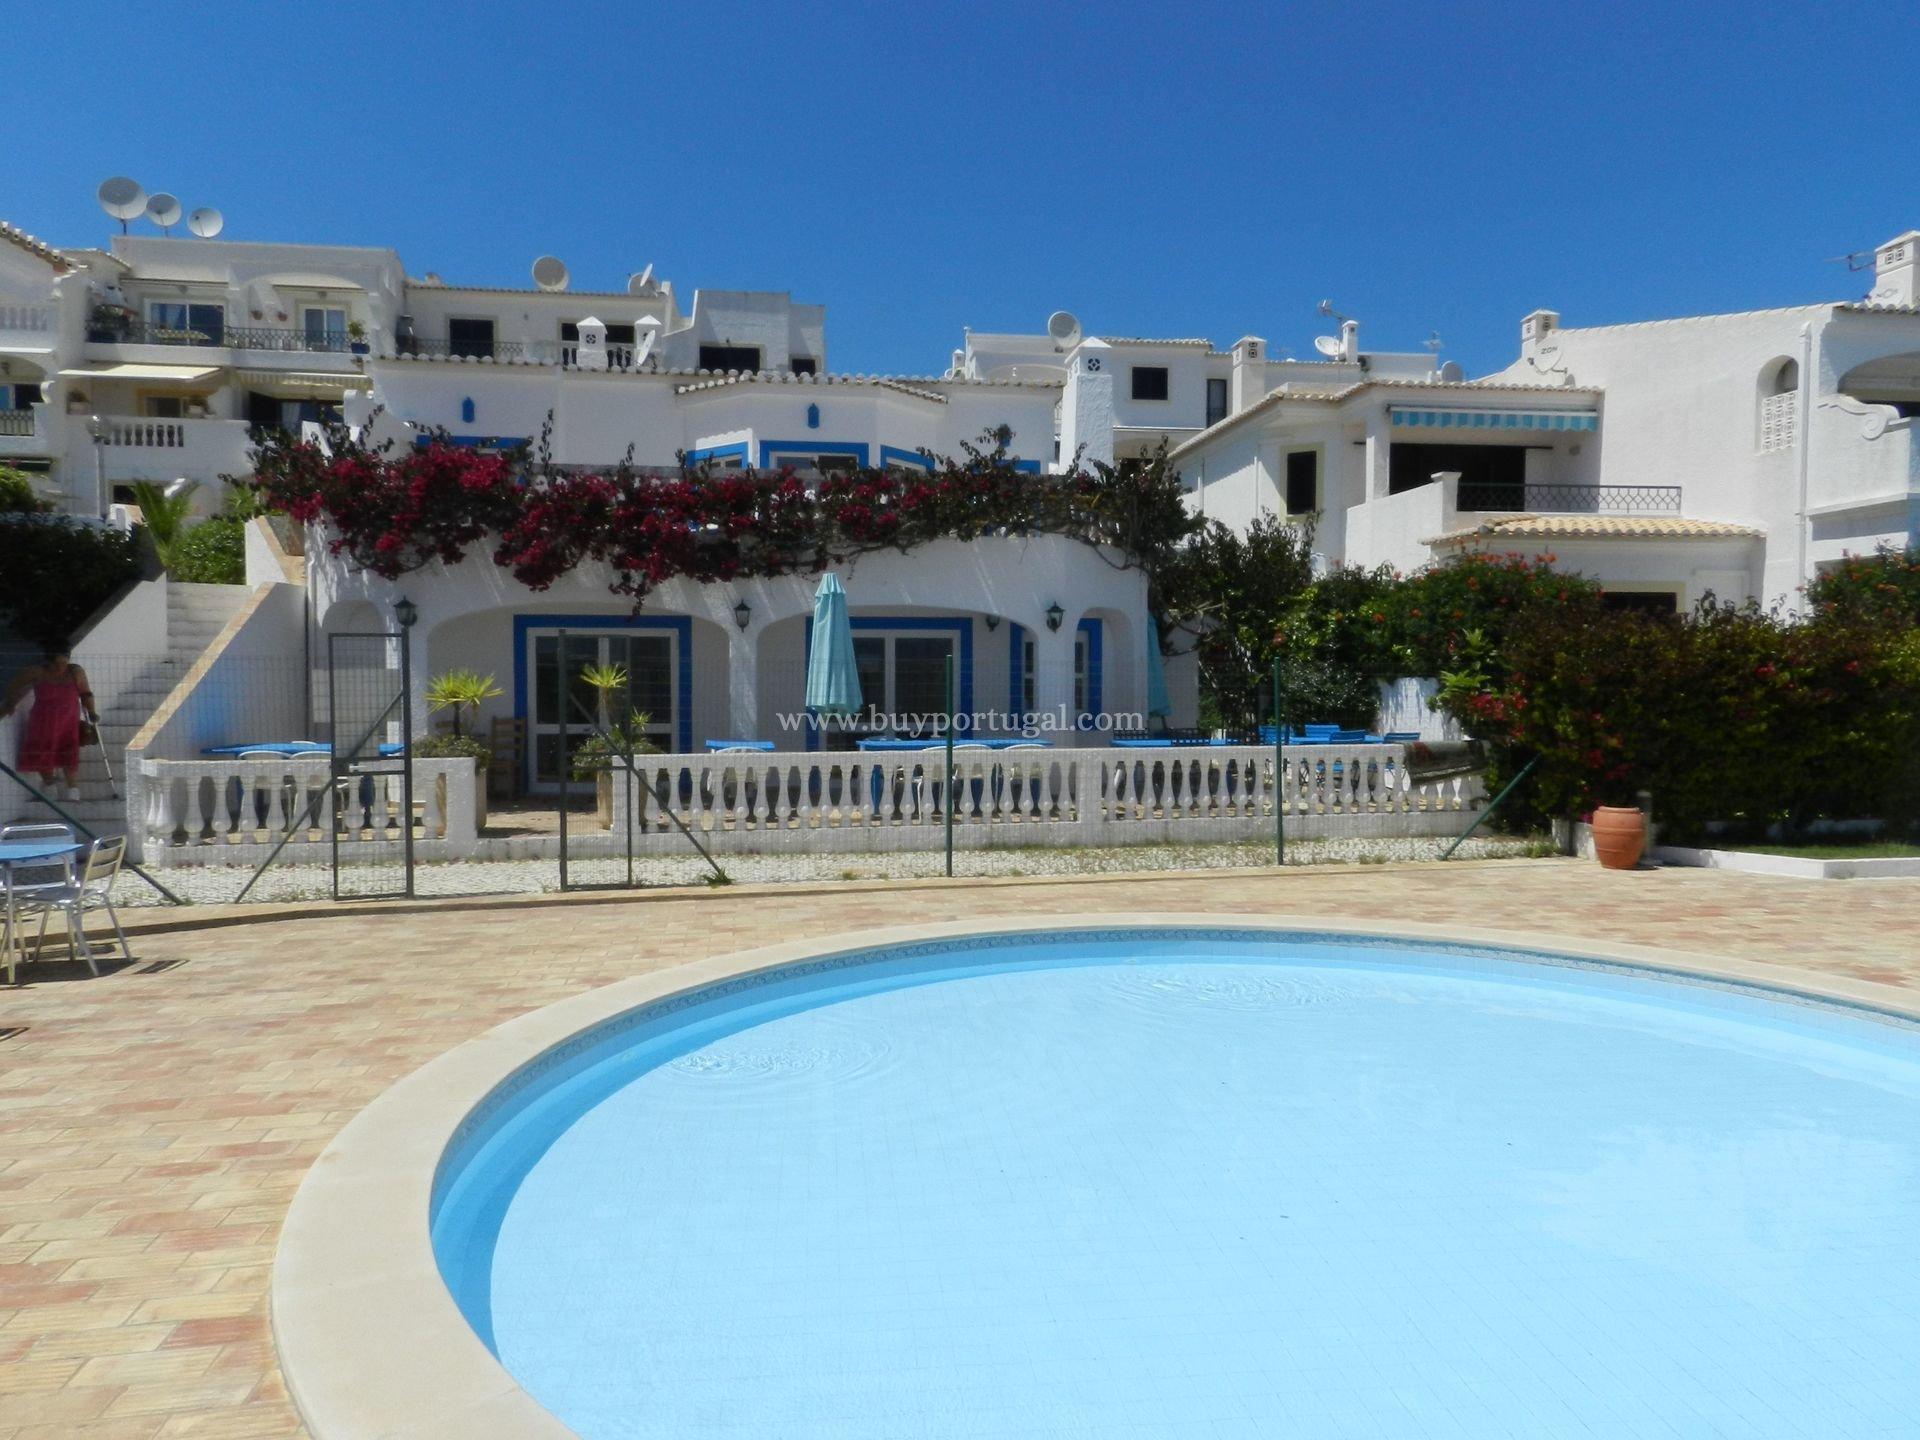 2 Bedroom Apartment Lagos, Western Algarve Ref: GA240